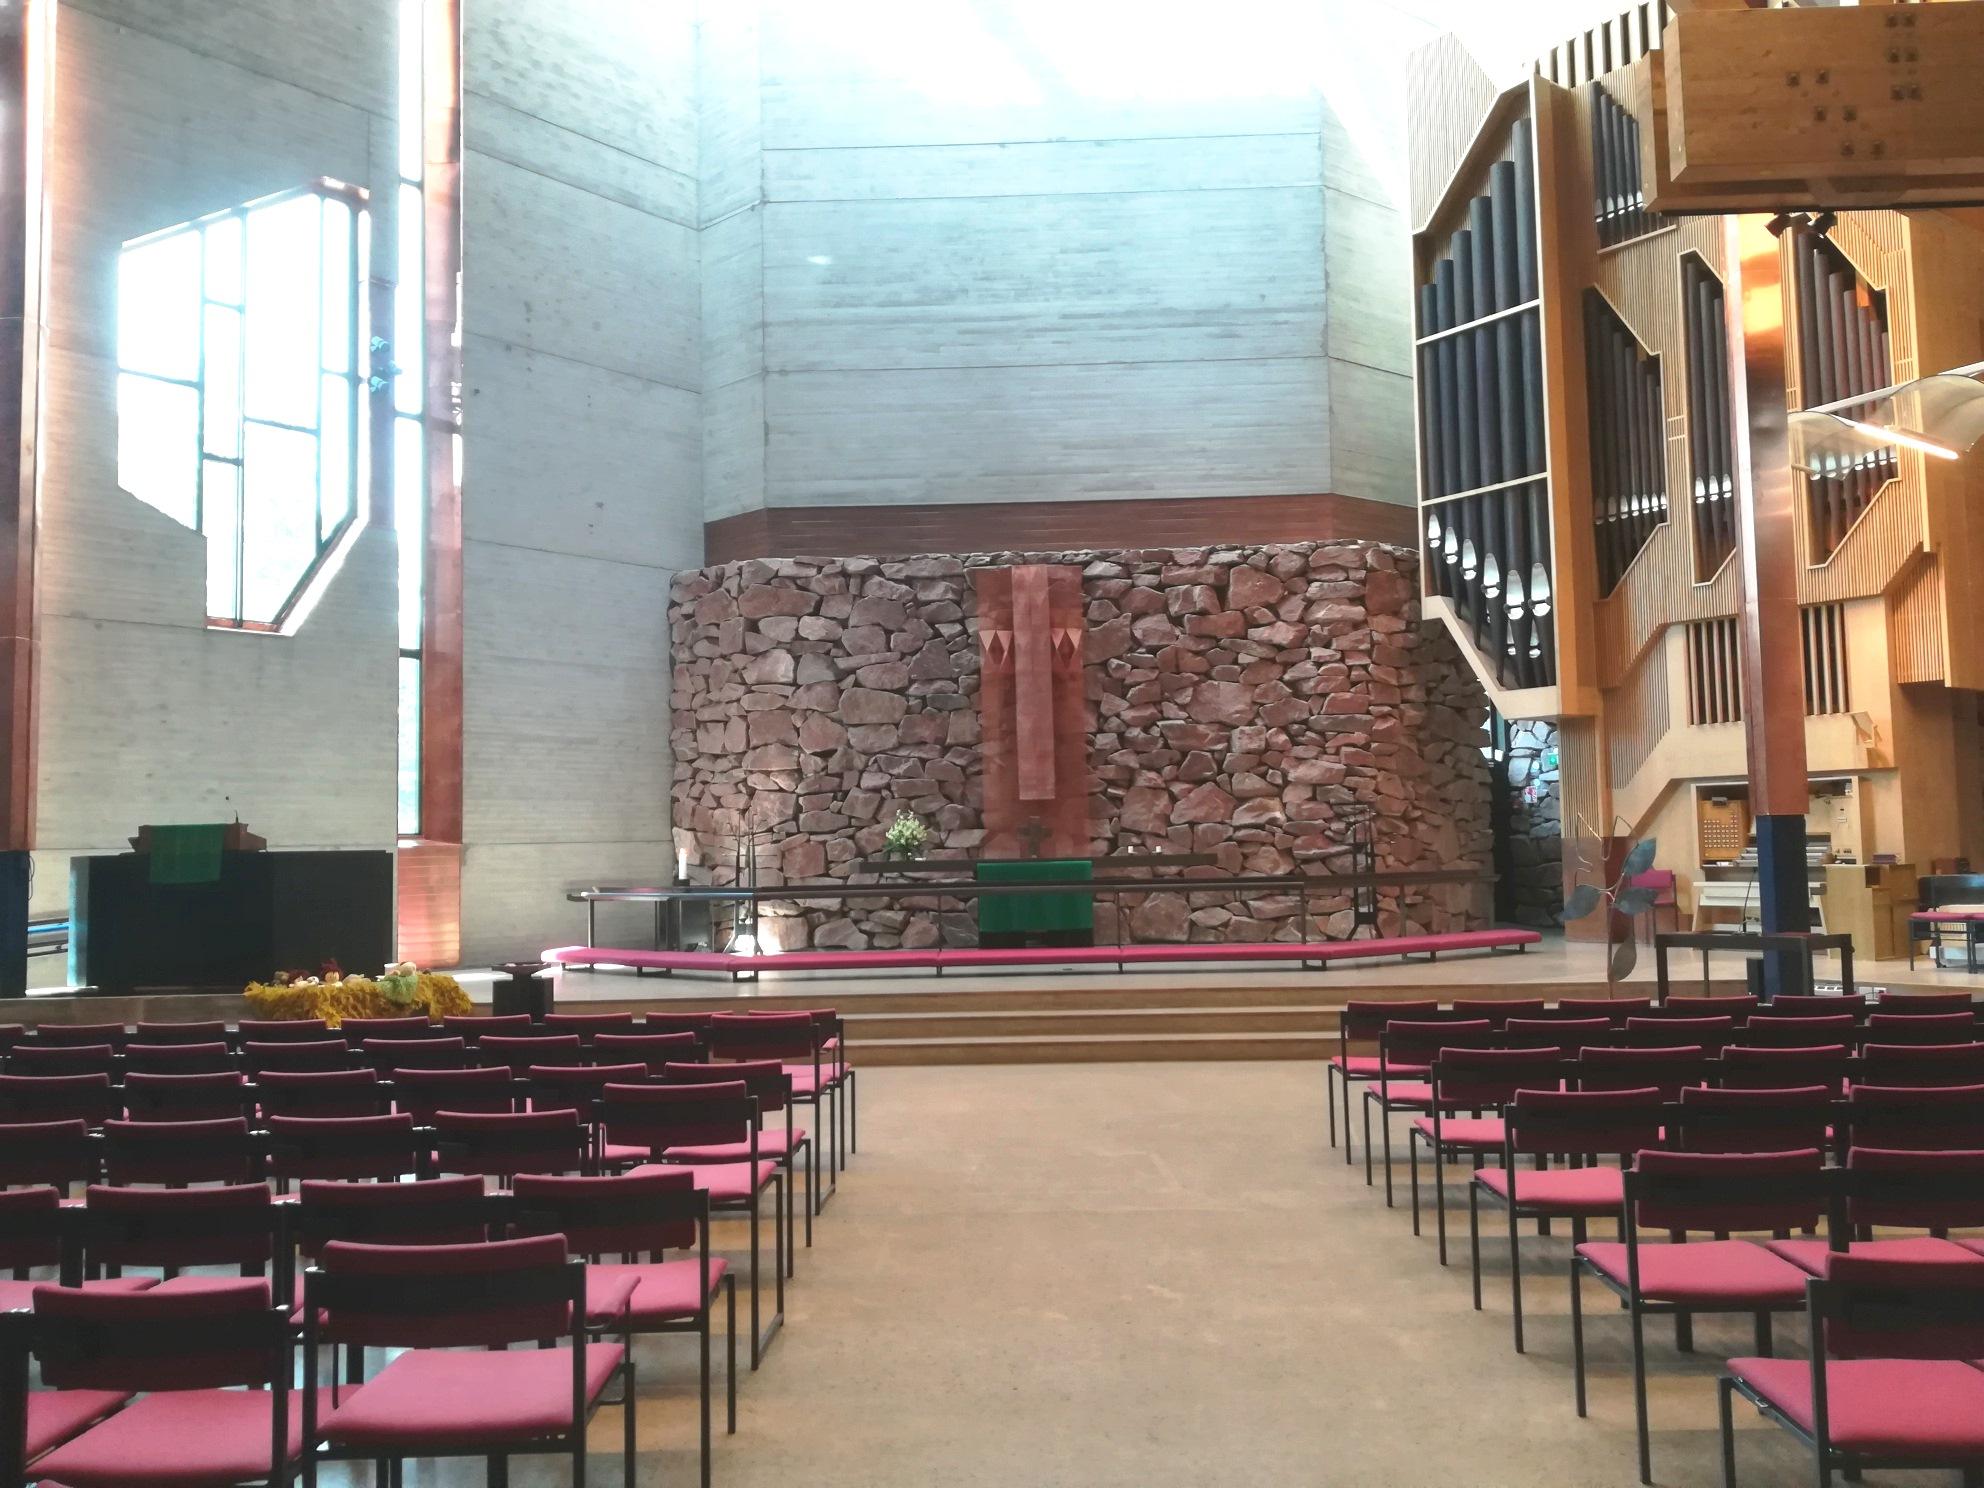 Espoonlahden kirkko